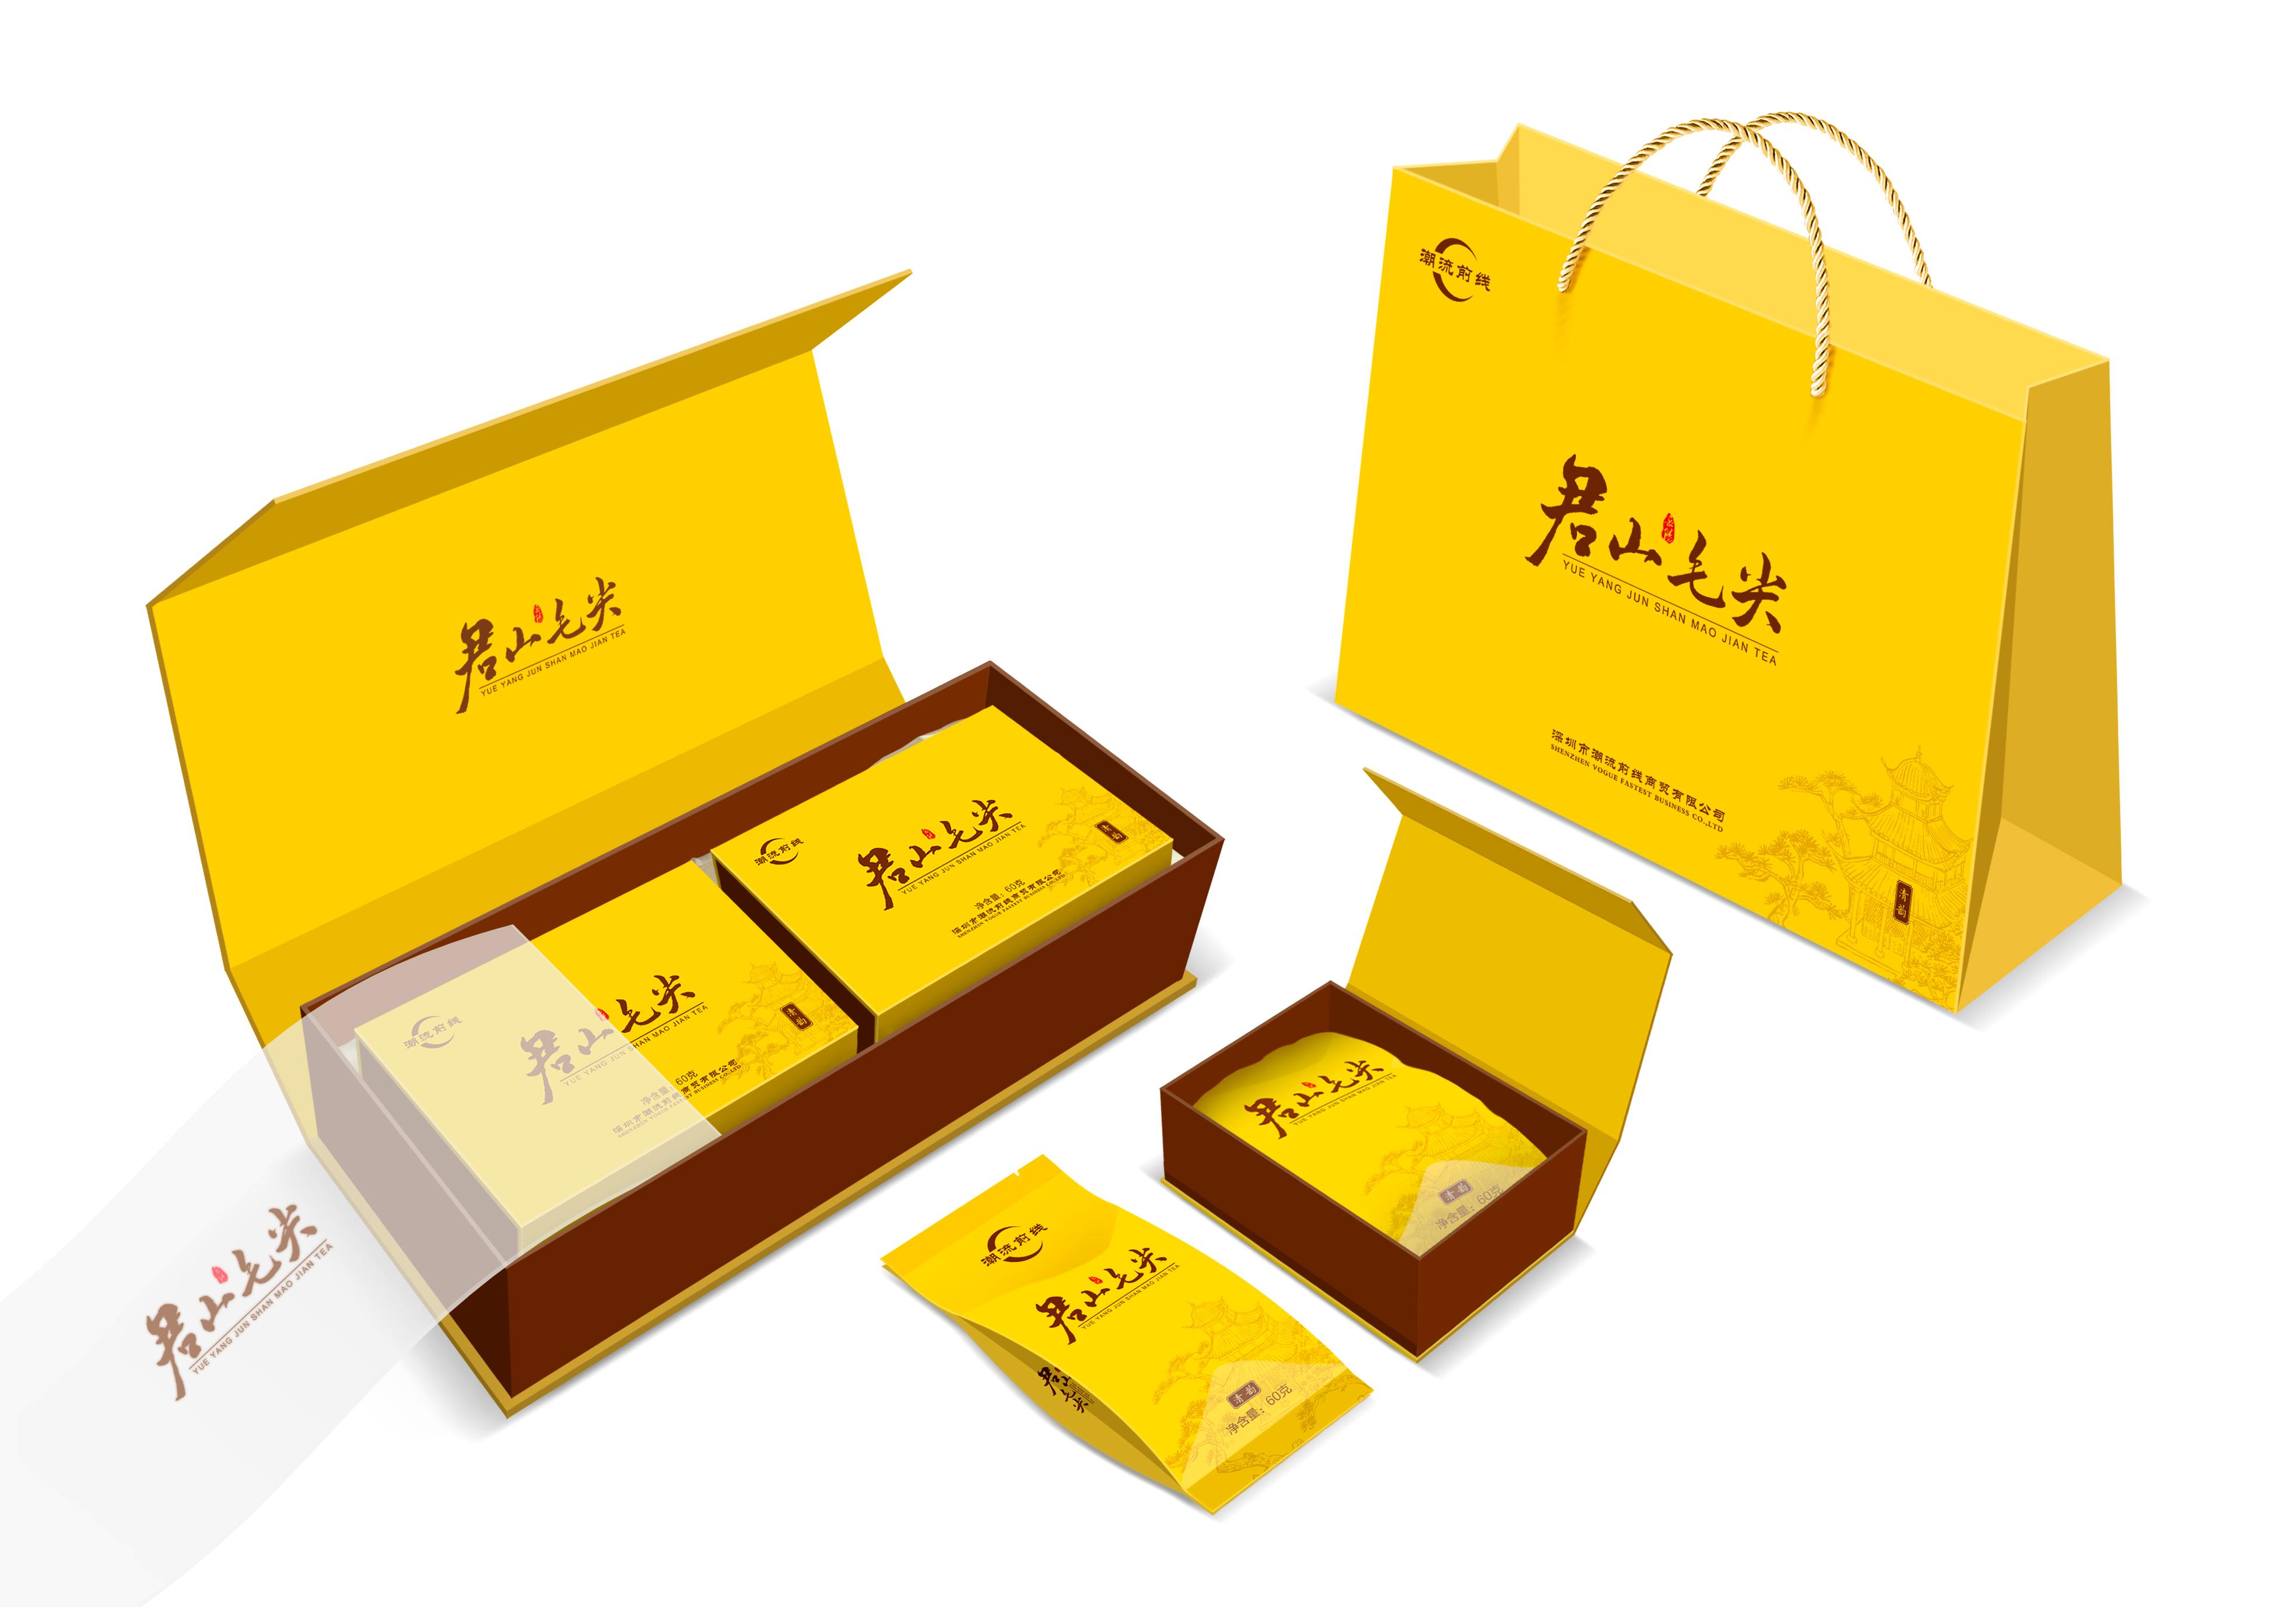 系列产品包装设计定位要清晰